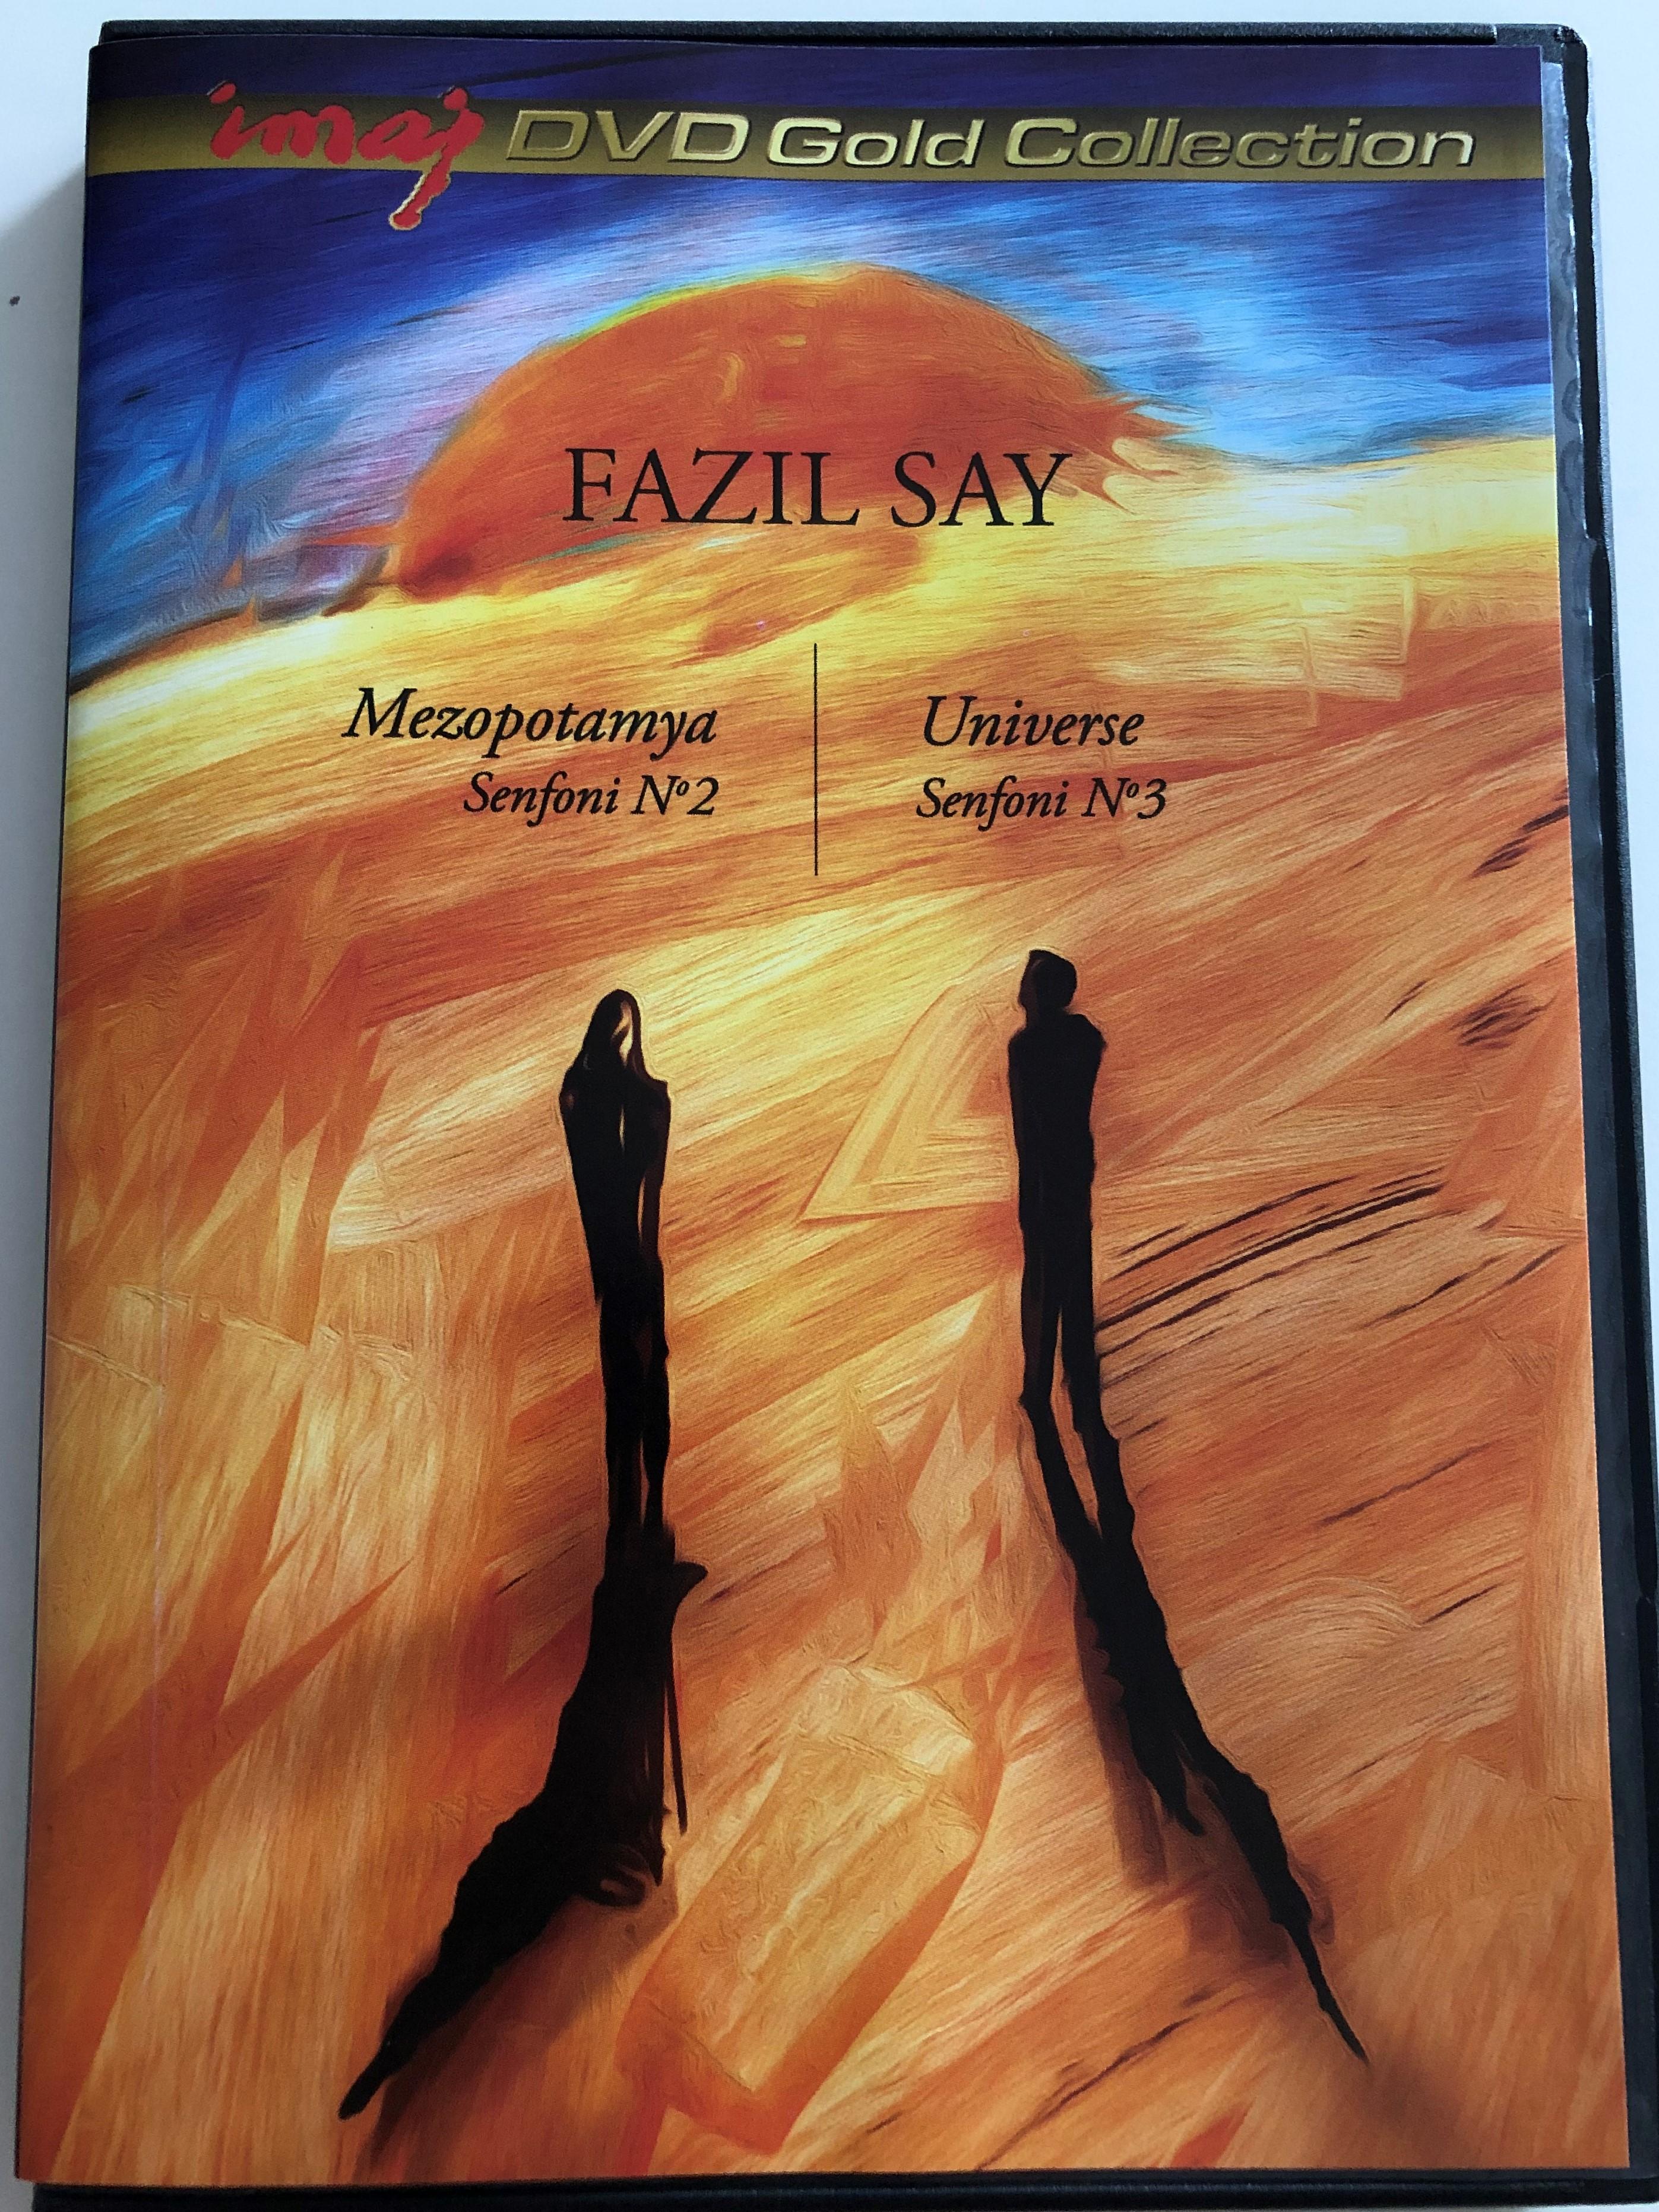 fazil-say-meopotamya-senfoni-no.2-universe-senfoni-no.-3-dvd-2013-imaj-1-.jpg